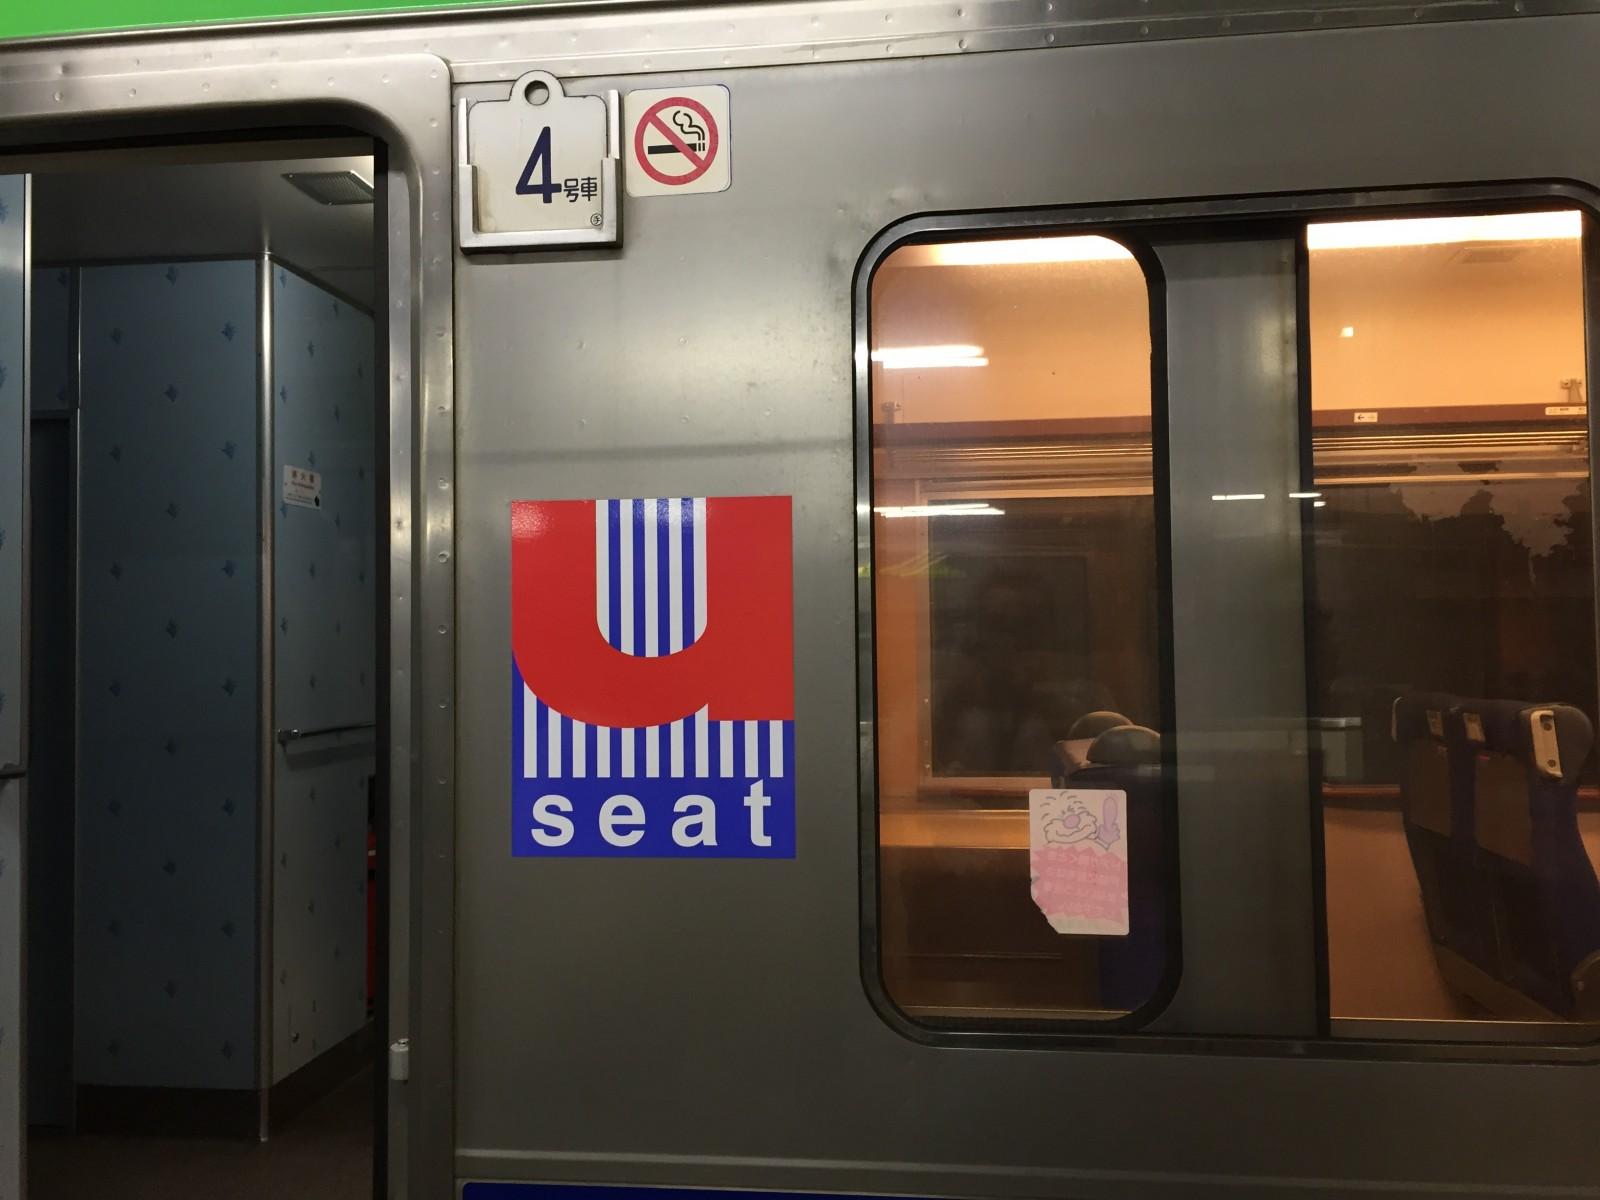 冬の北海道&東日本パス旅行記2015 その3 新千歳空港→札幌駅へ